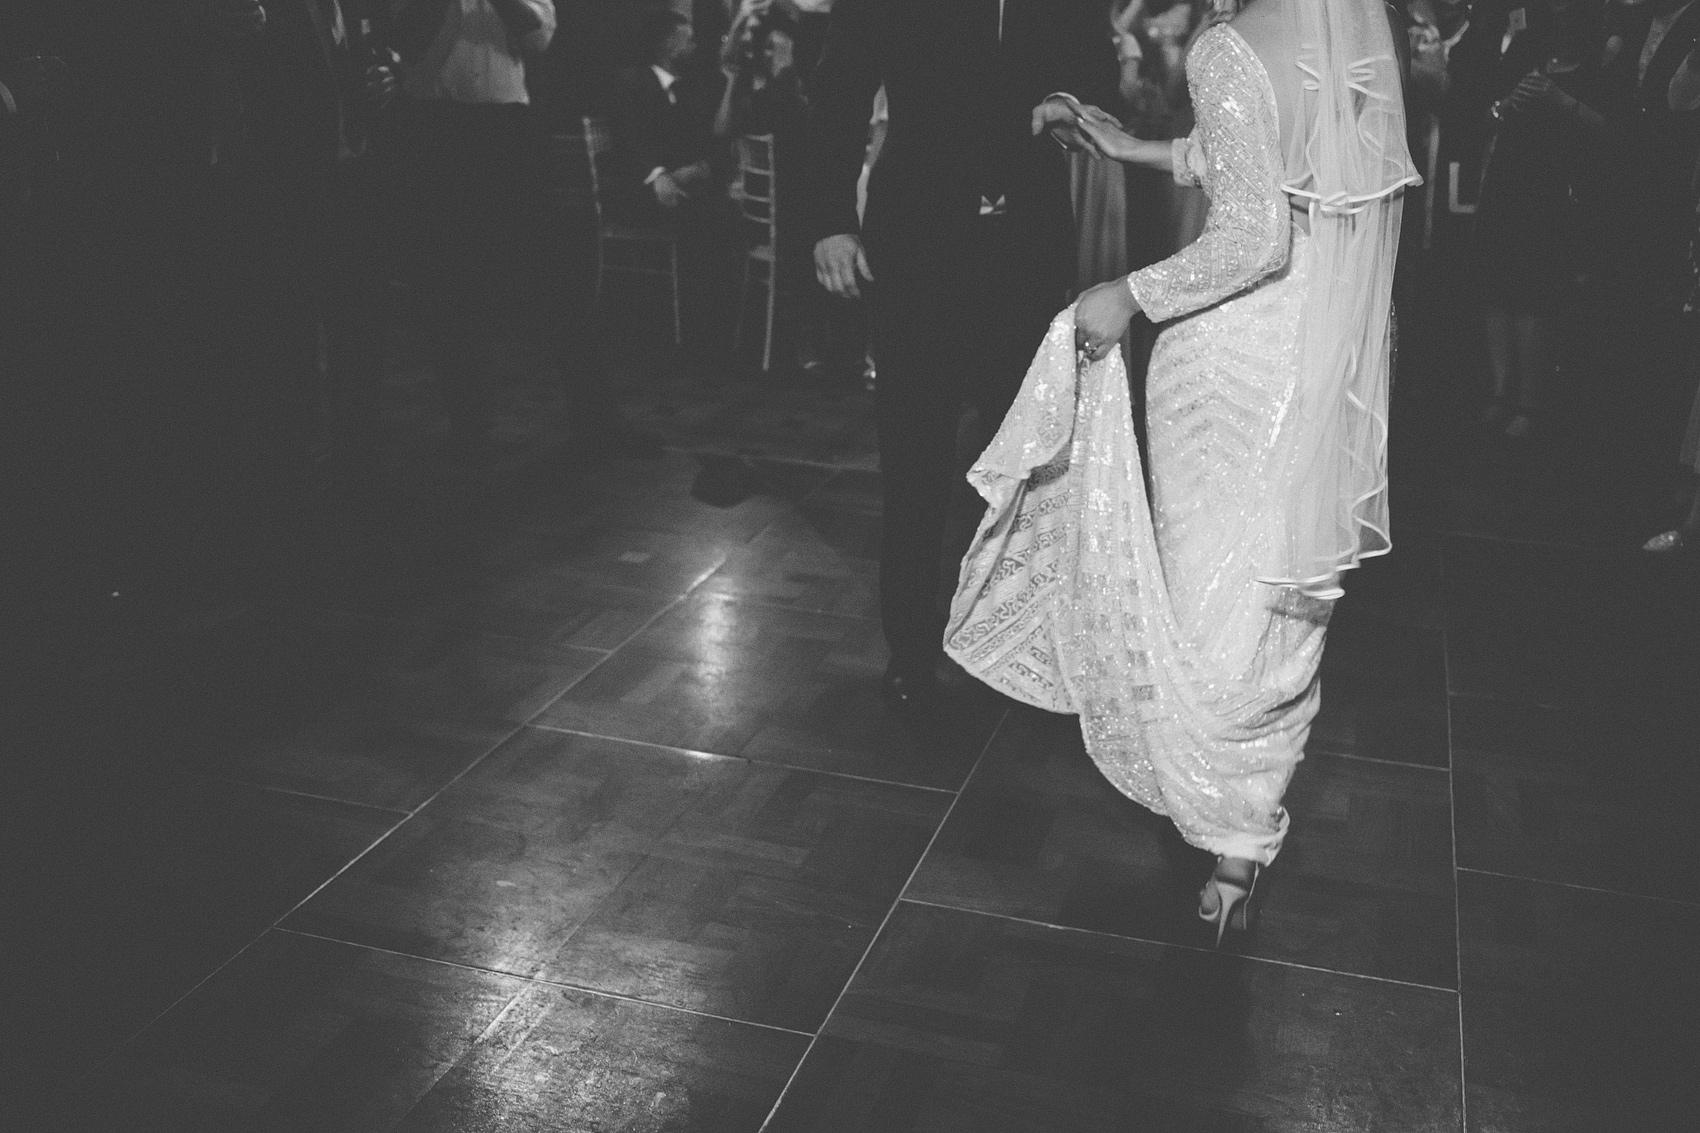 Inglewood_Manor_Wedding_Photography_-_Claire_Basiuk_Cheshire_Photographer_-_47_36.jpg